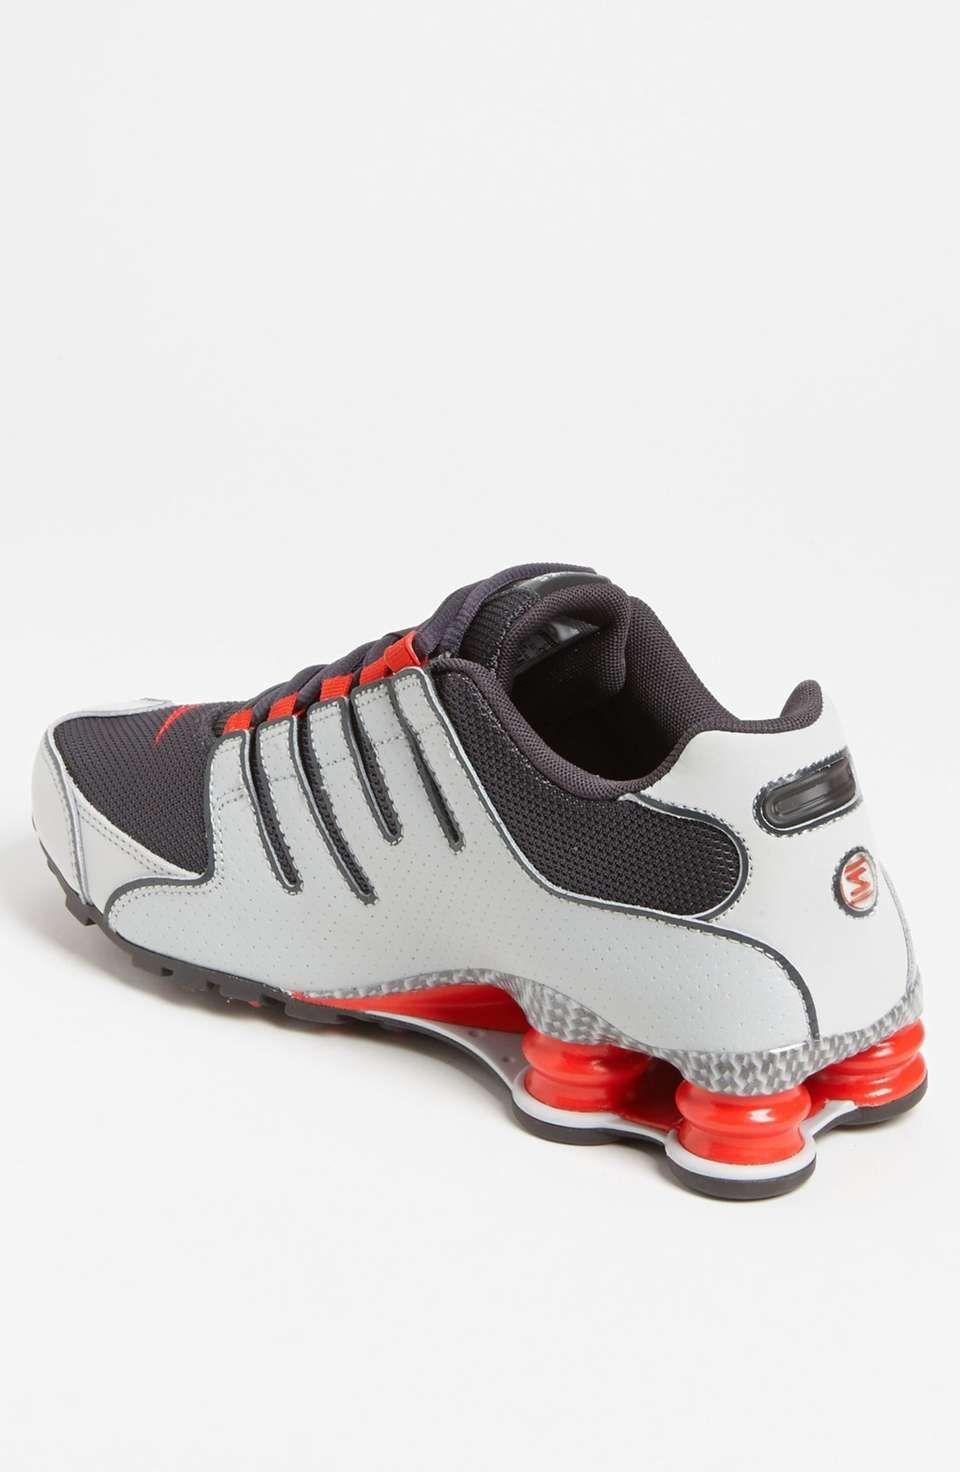 Nike Shox Nz Eu Des Shorts Des Hommes En Cours D'exécution pas cher confortable oQHFh